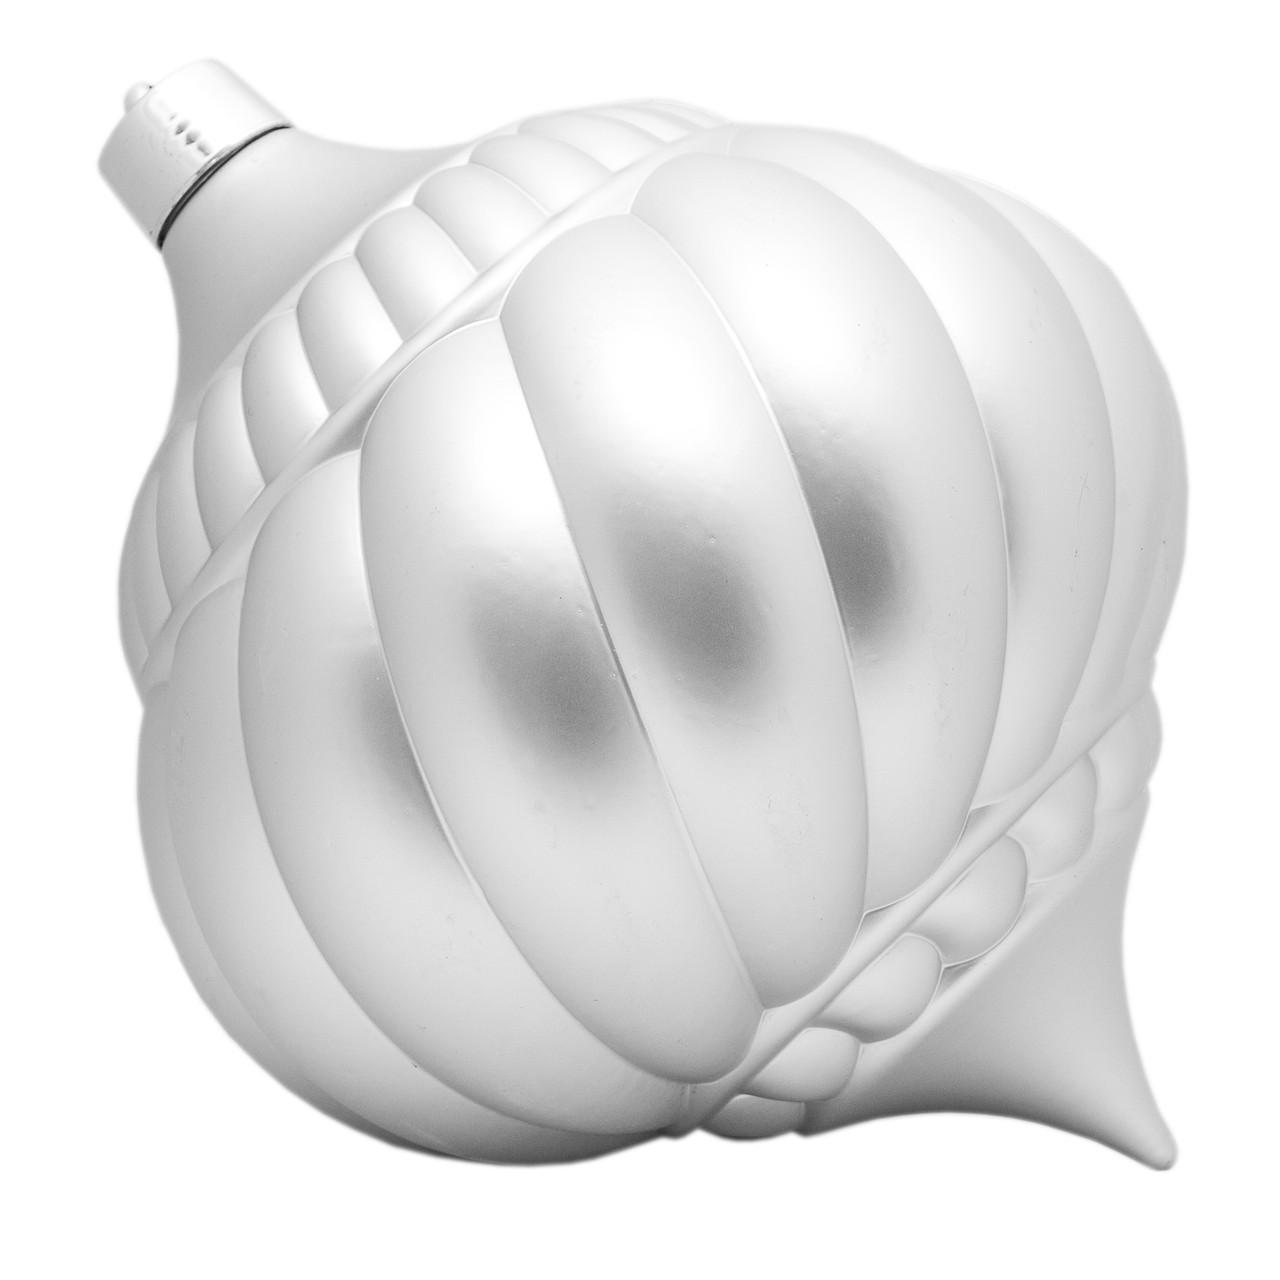 Большая елочная игрушка - тыква, 30 см, пластик, серебристый (030545-1)